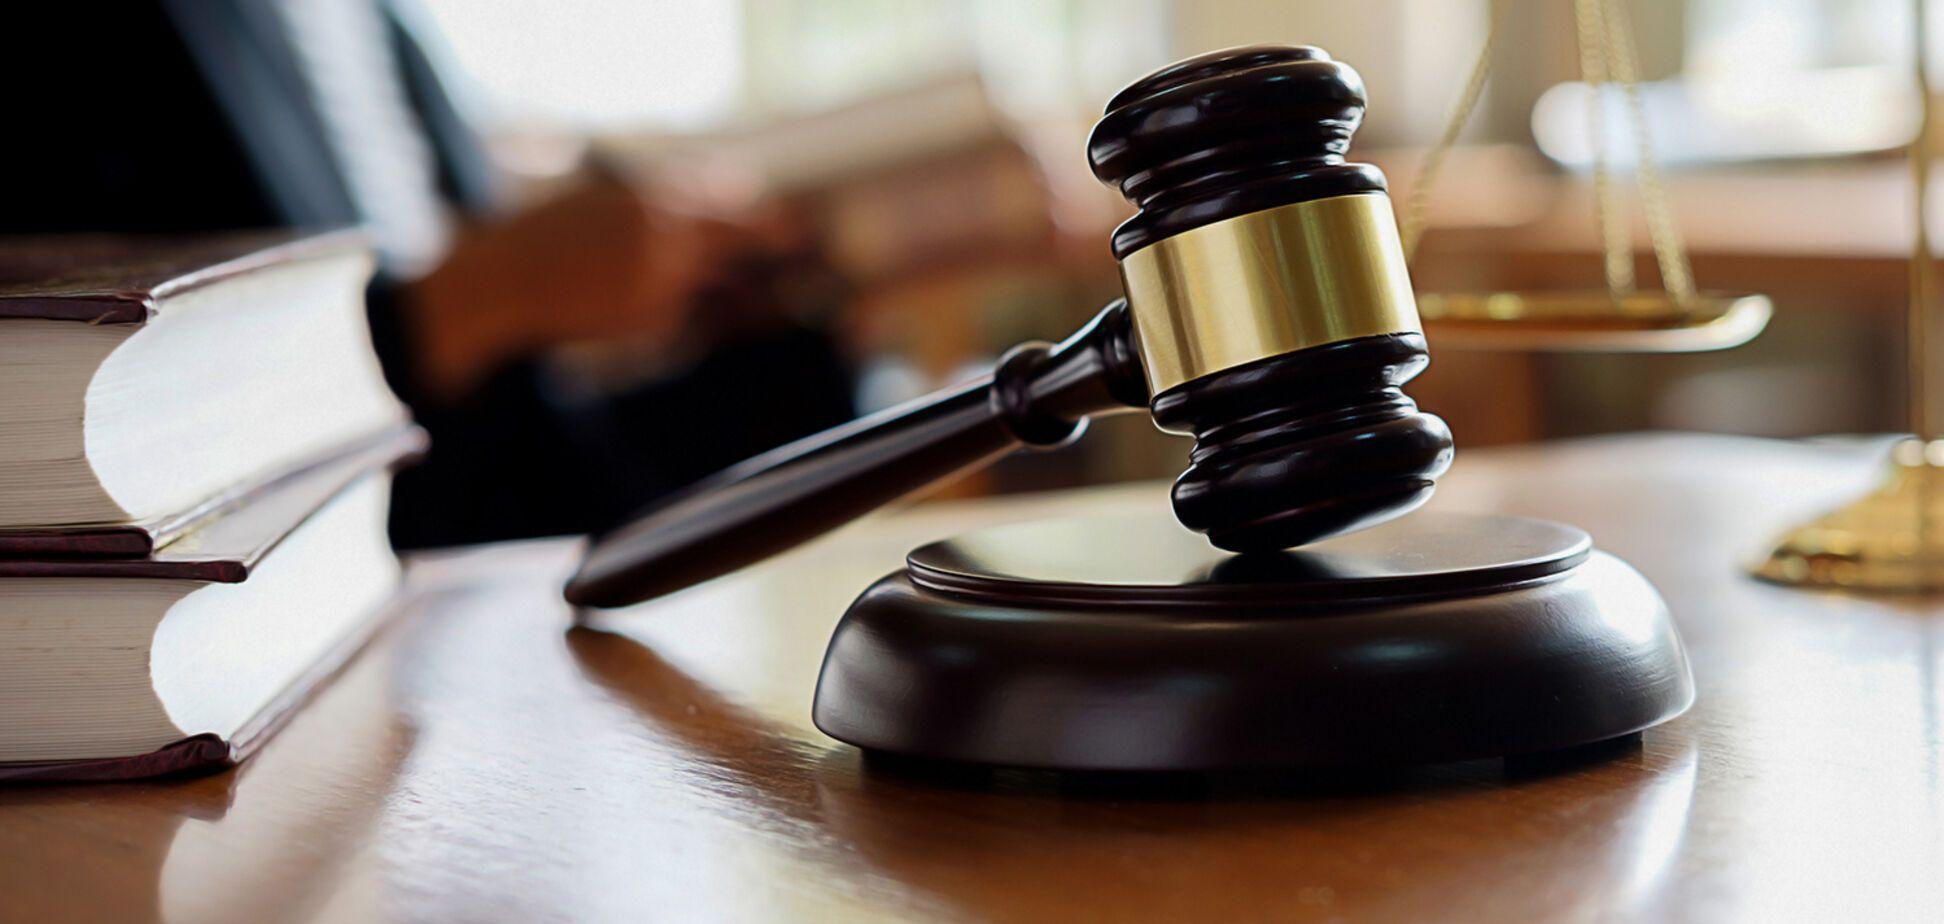 Суд визнав незаконність справи ГПУ і НАБУ проти Писарука